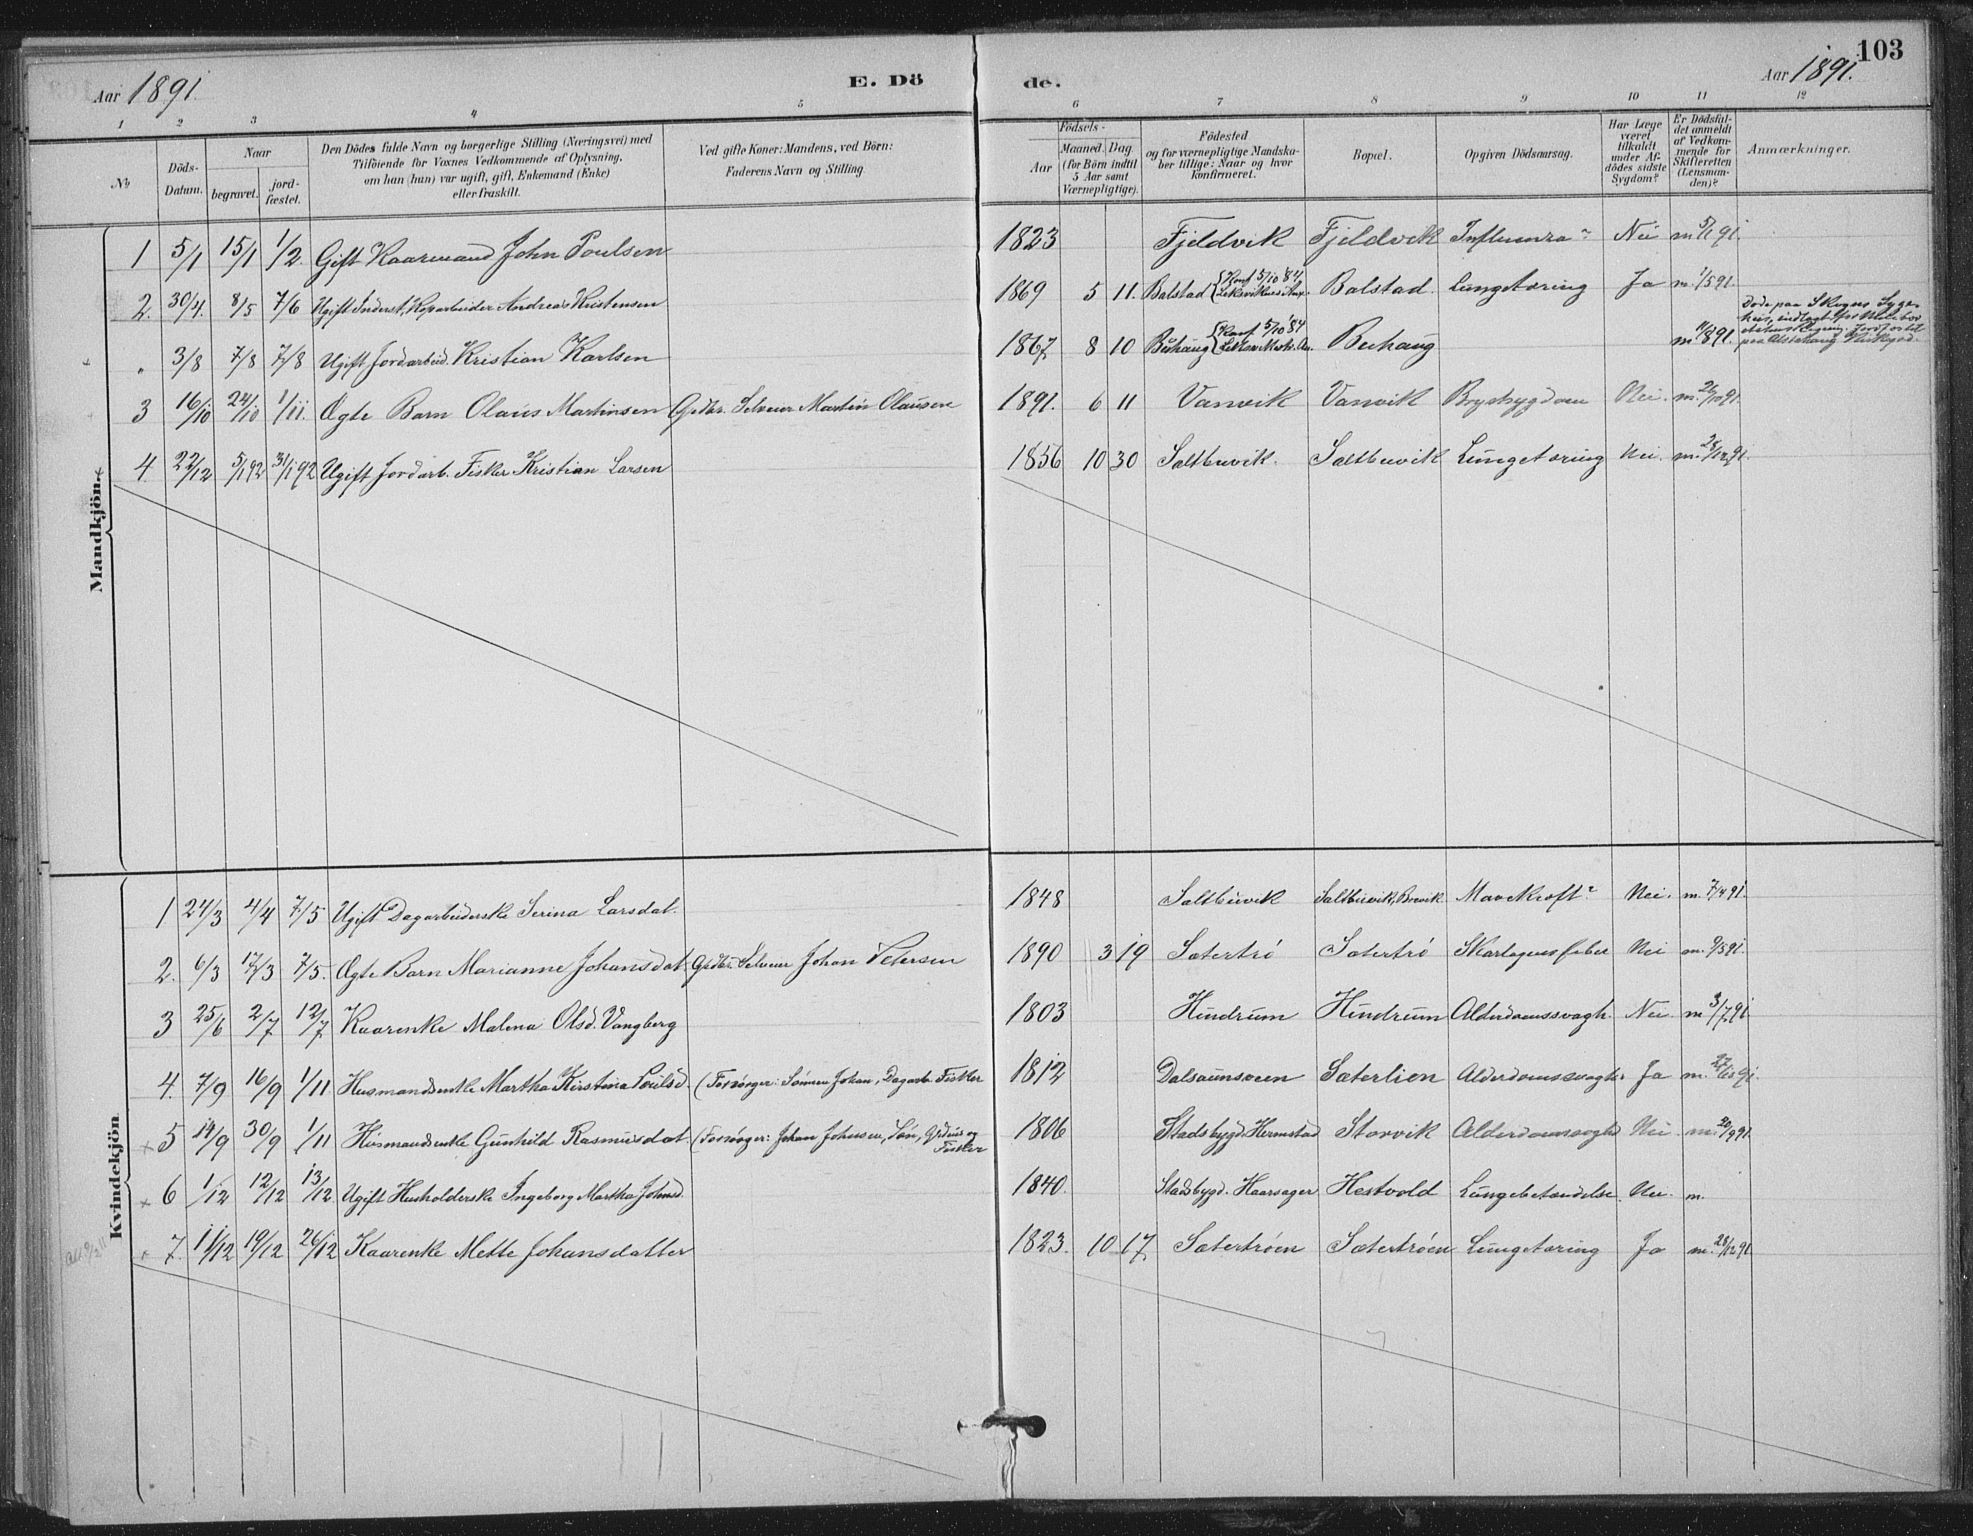 SAT, Ministerialprotokoller, klokkerbøker og fødselsregistre - Nord-Trøndelag, 702/L0023: Ministerialbok nr. 702A01, 1883-1897, s. 103